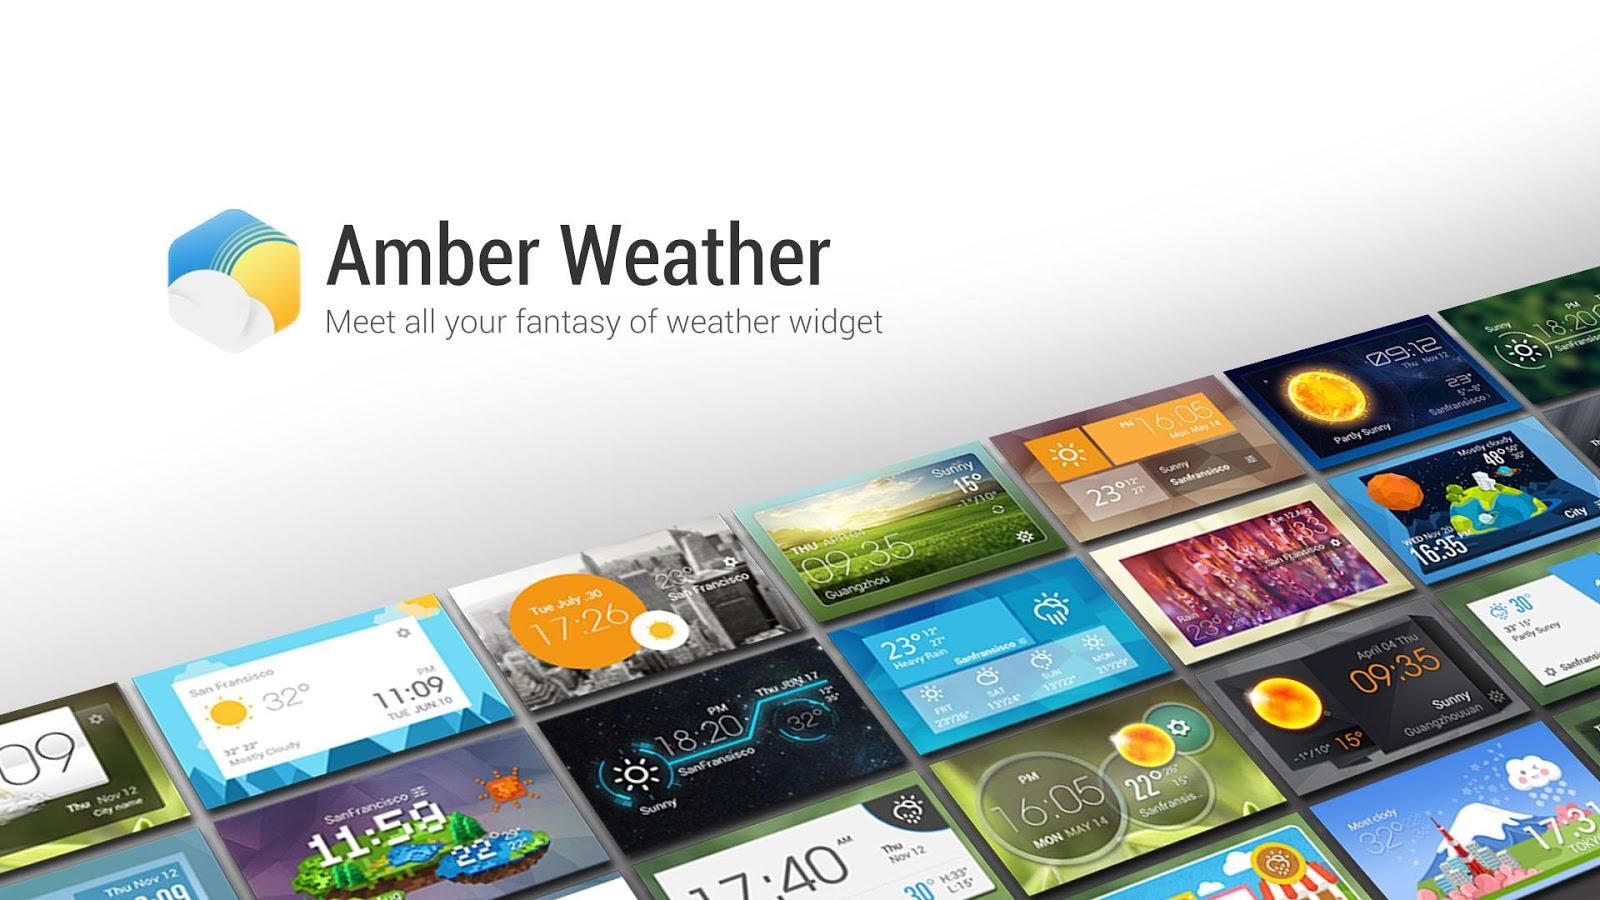 نتيجة بحث الصور عن Amber Weather